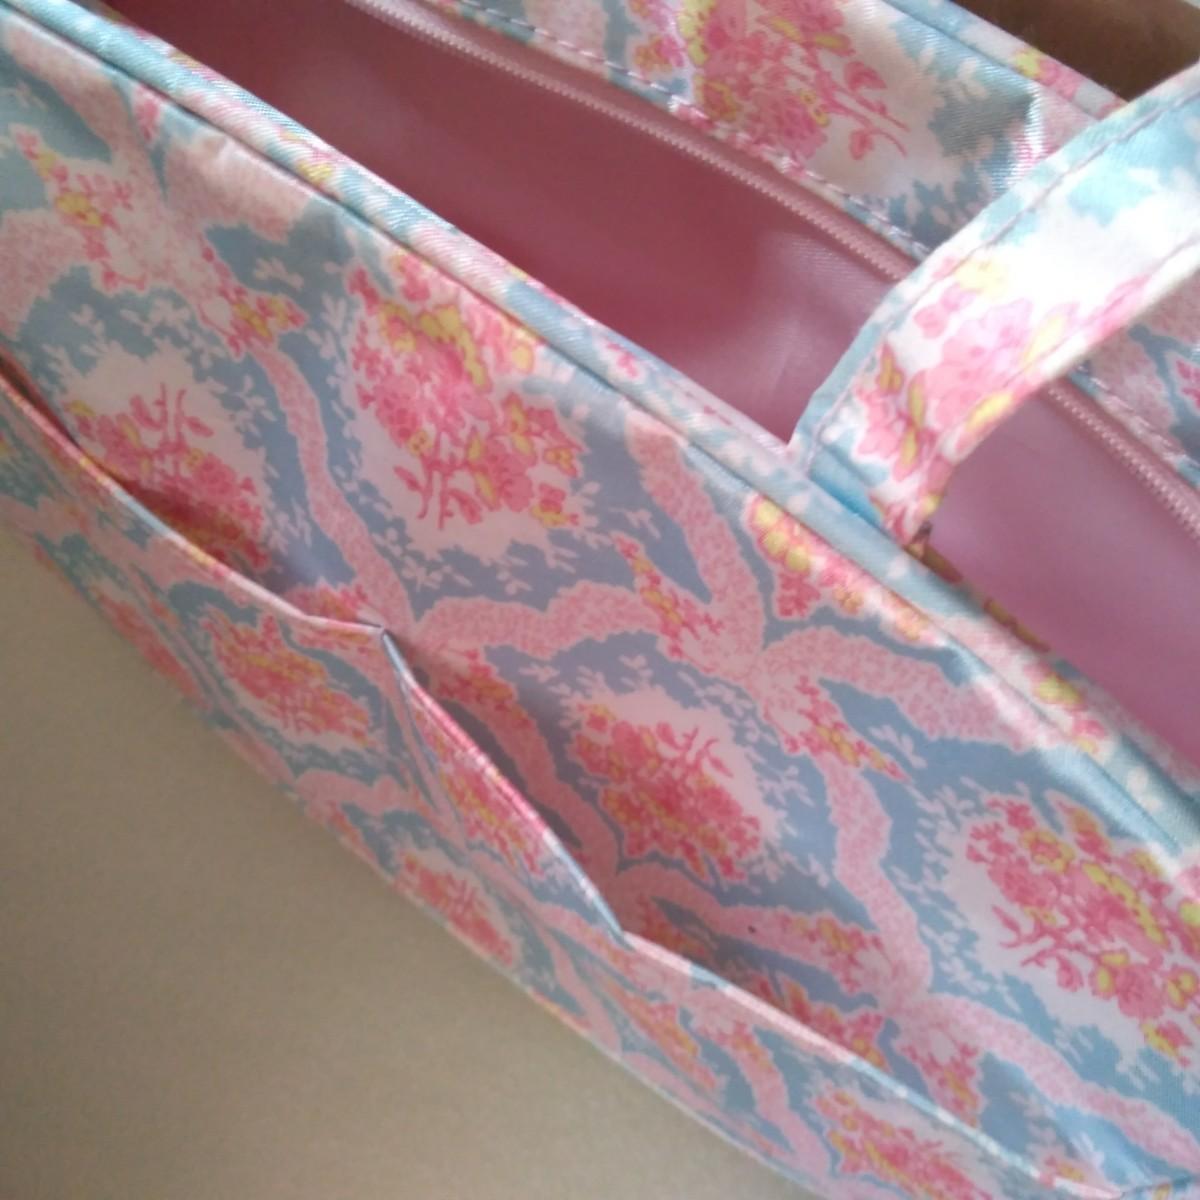 ミニバッグ バッグインバッグ ポーチ 化粧ポーチ マルチケース 花柄 未使用品 MERCURYDUO